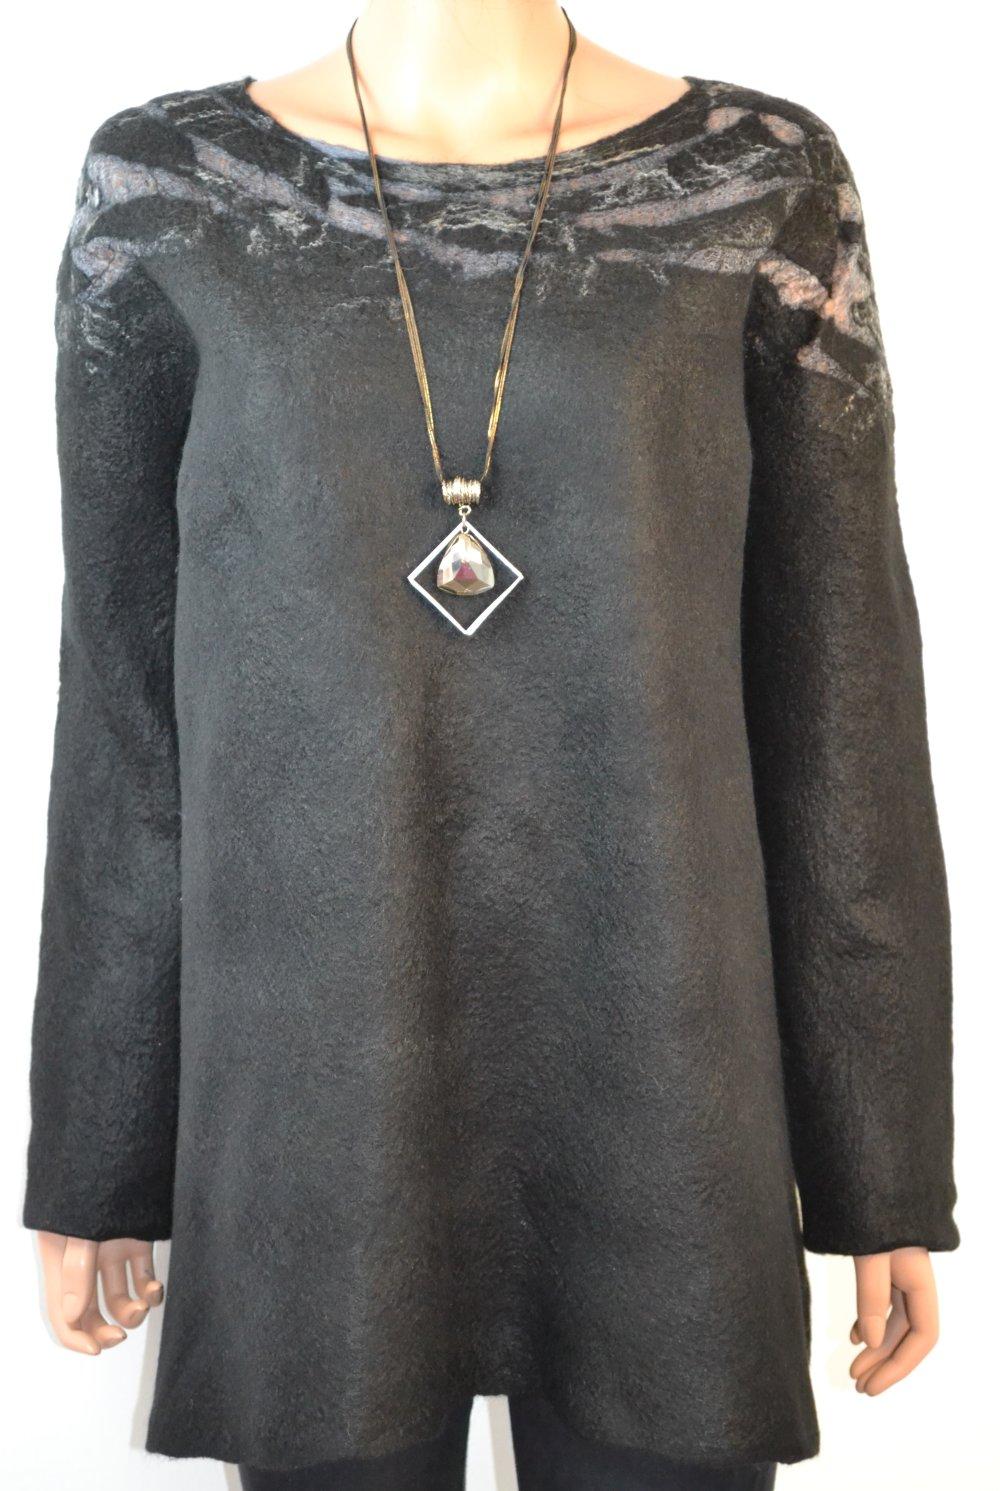 Sweat-shirts  pull en  laine mérinos  et soie  feutree noir gris